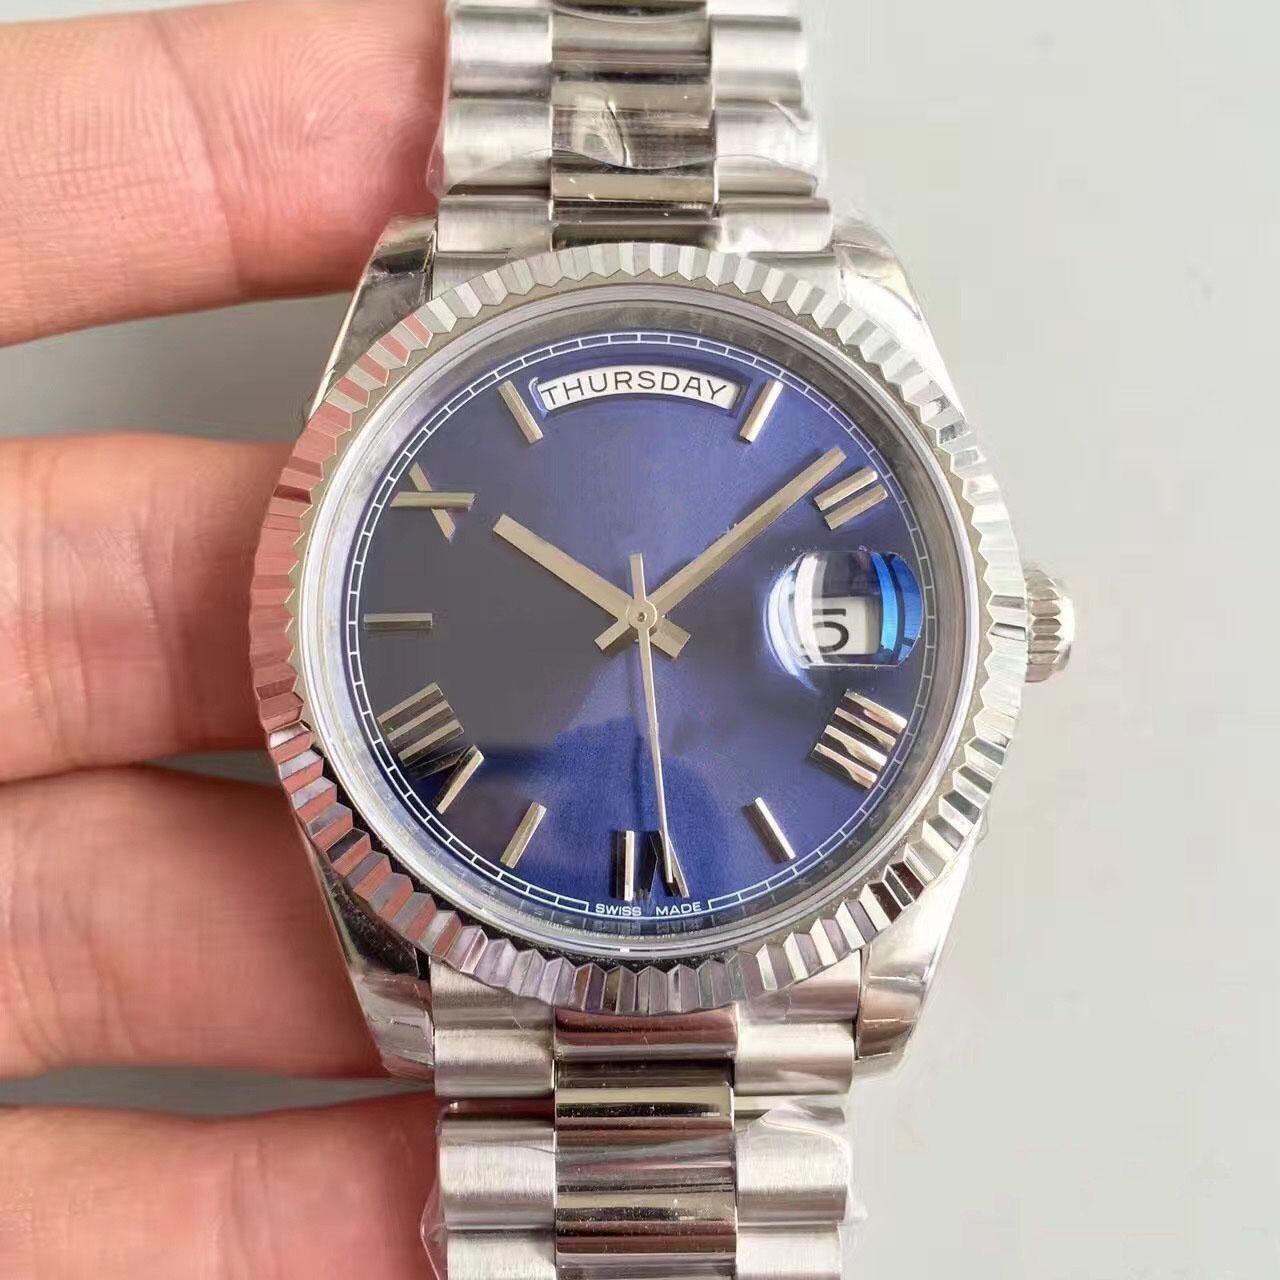 vente montre chaude JOUR DATE 41MM Dila visage bleu montres hommes mécaniques Lunette en acier inoxydable pliant Montres-bracelets de qualité des hommes sangle boucle